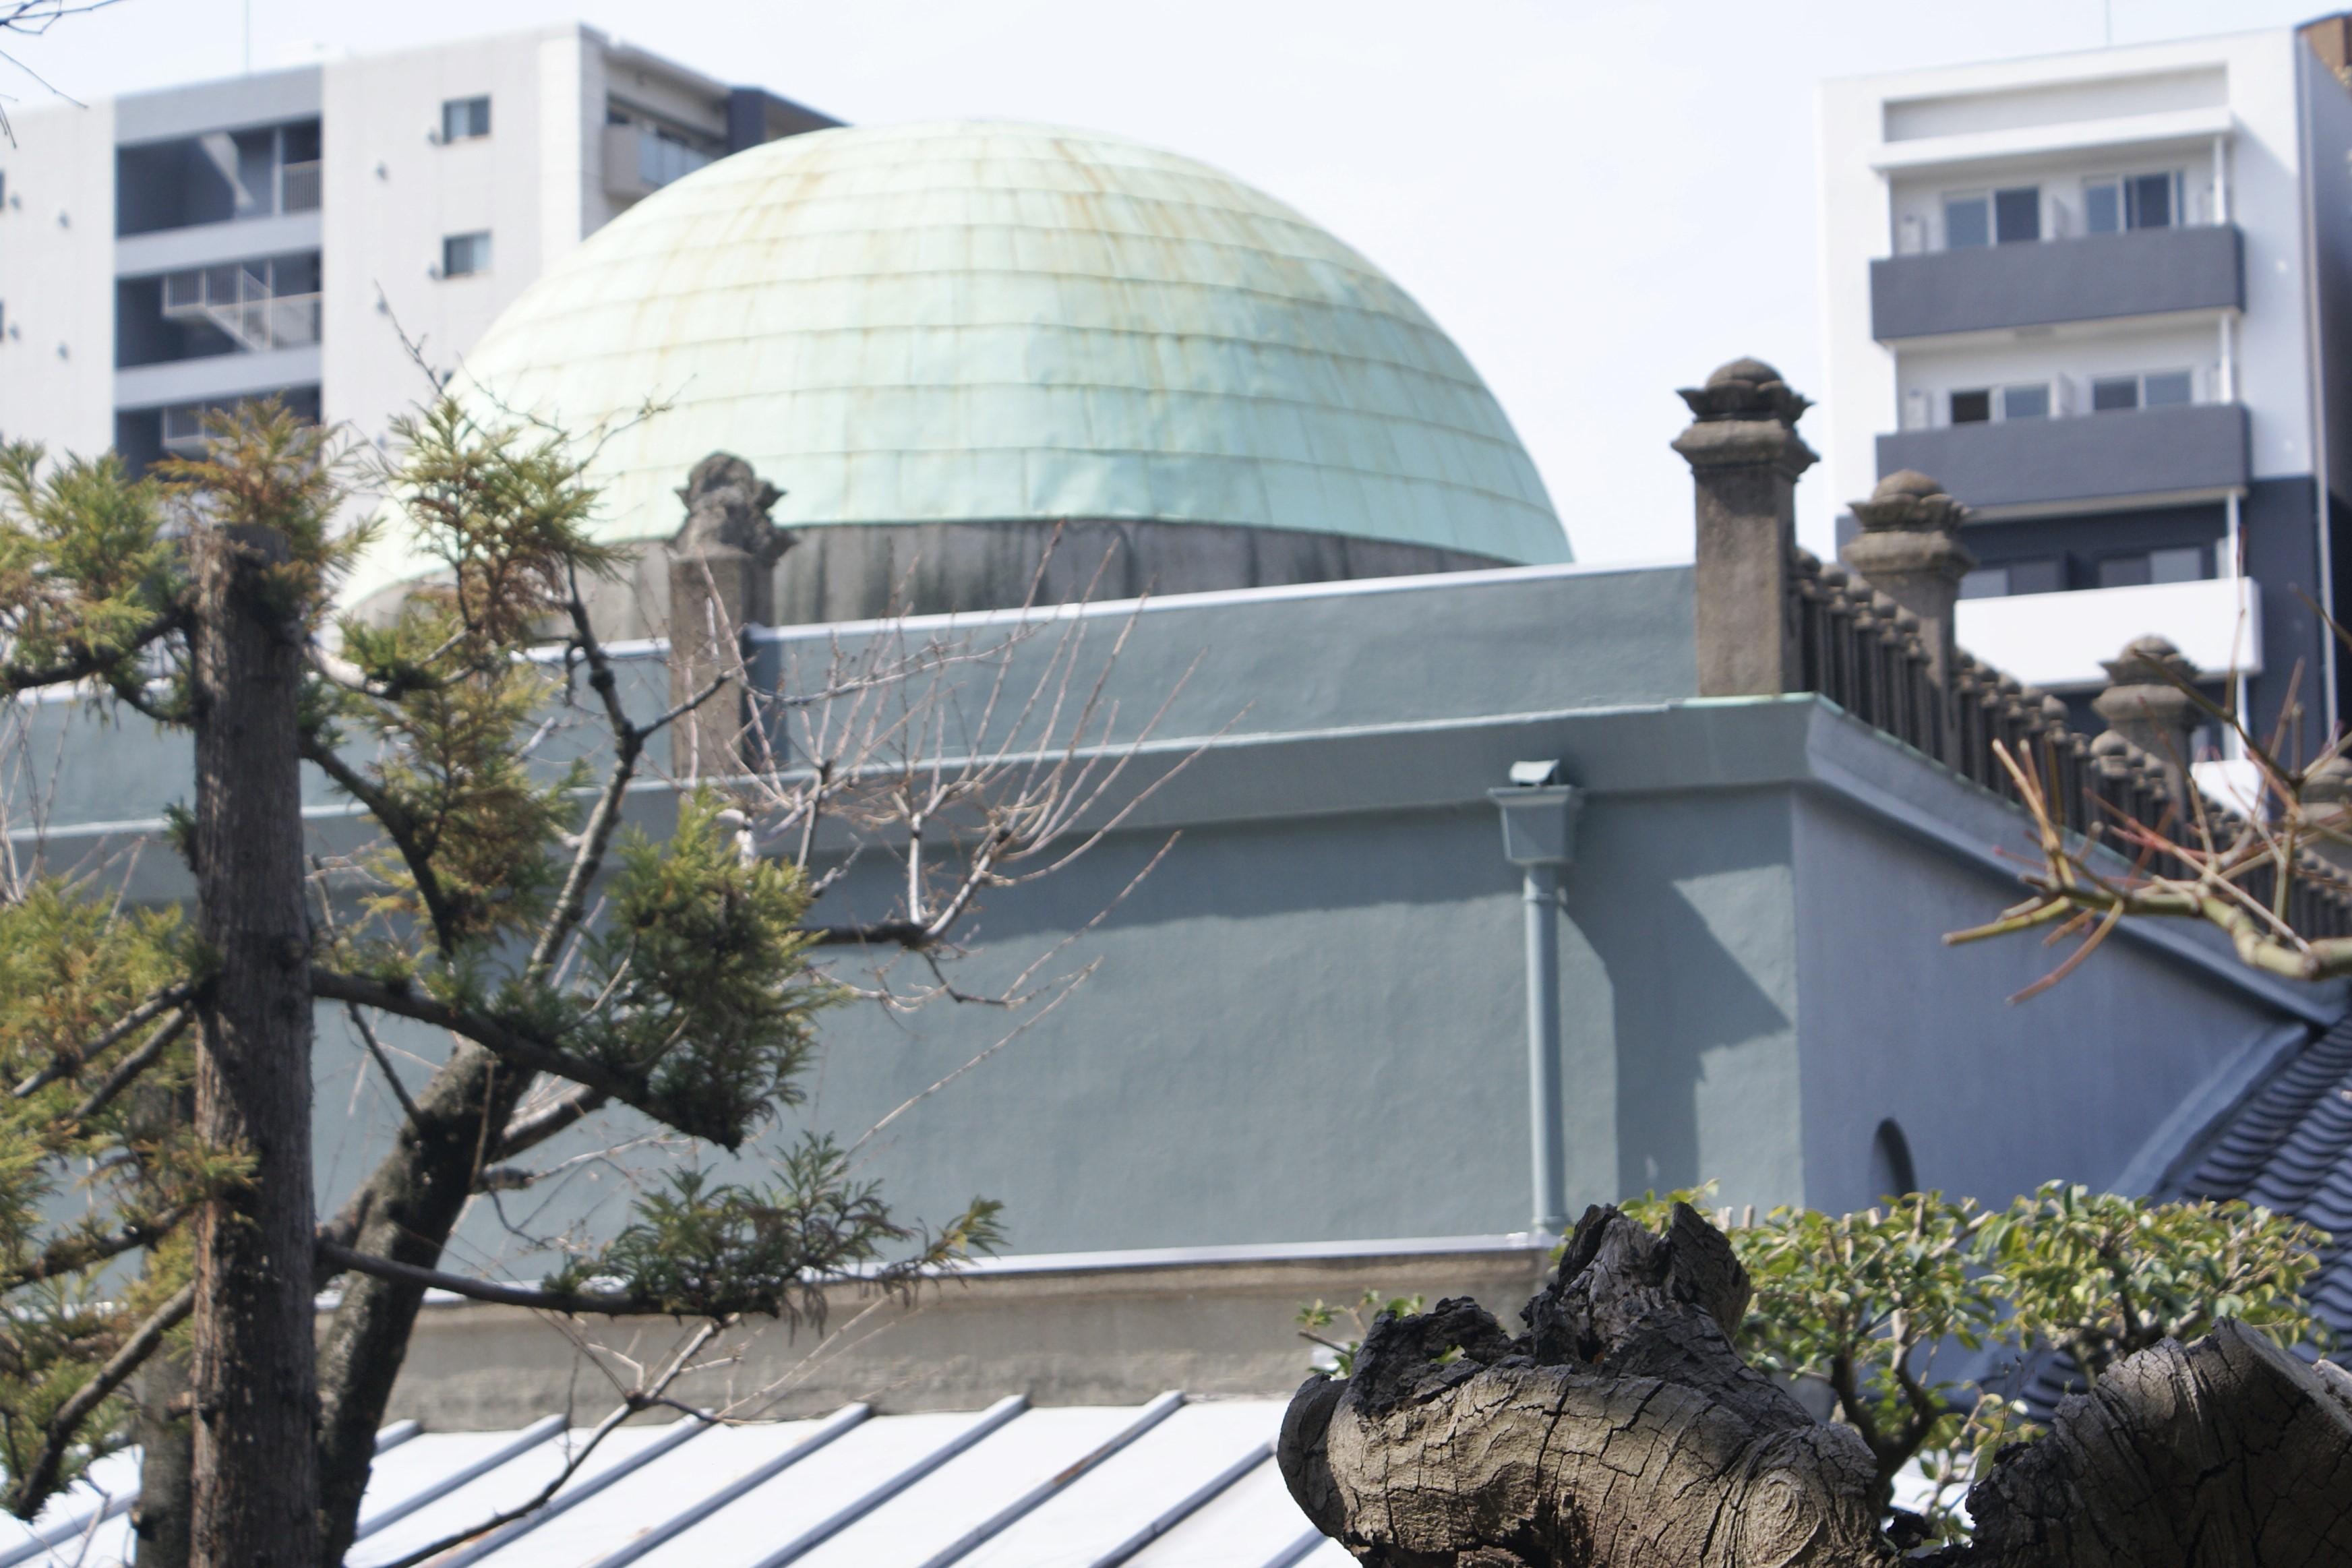 <p>背面から見るドーム屋根</p>ドームとパラペットの宝珠柱風手摺子が見える。